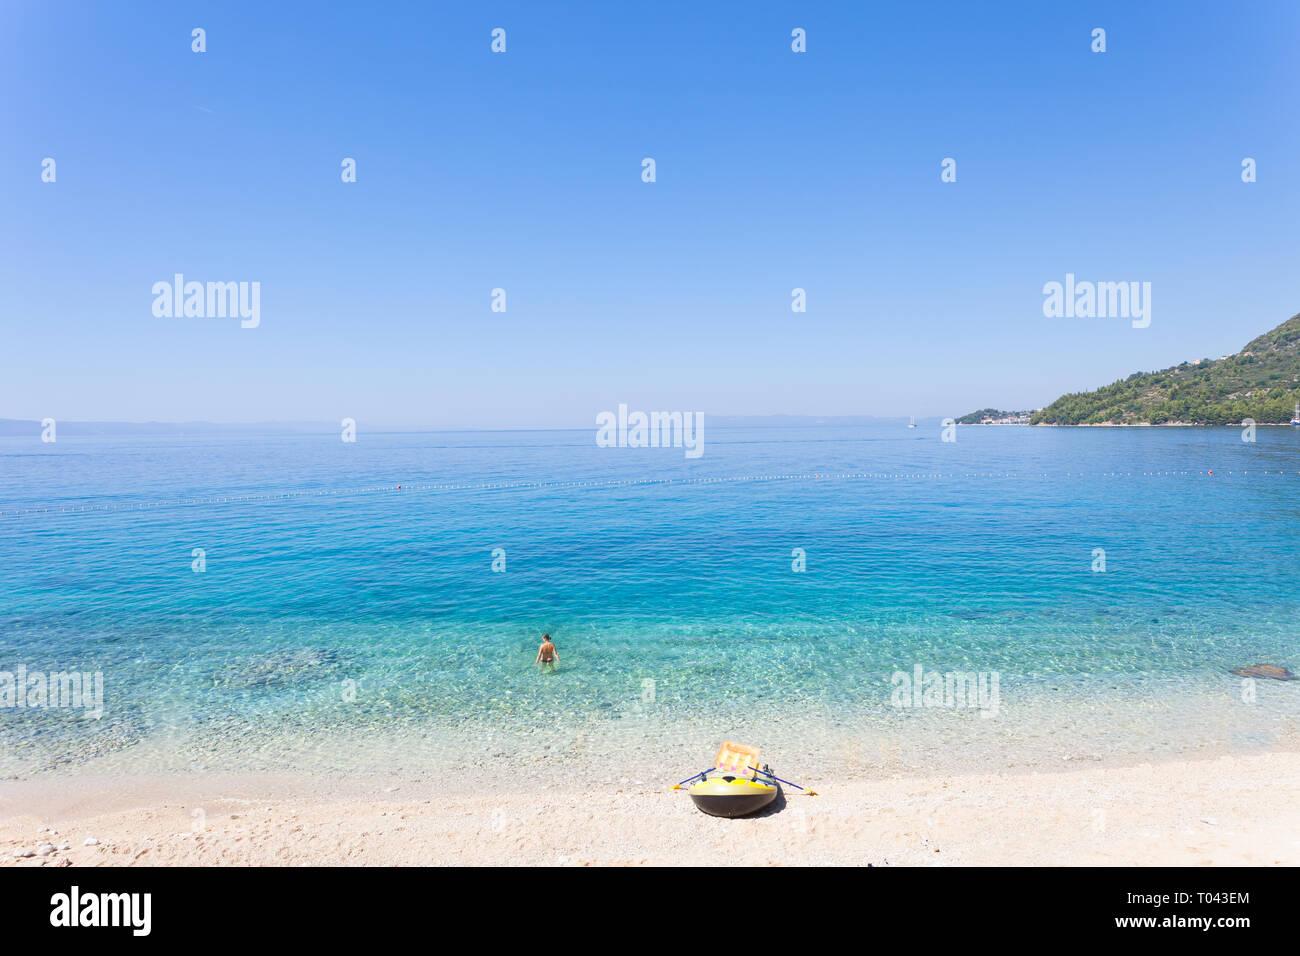 Drasnice, Dalmatien, Kroatien, Europa - Ruderboot am wunderschönen Strand von Podgora Stockfoto